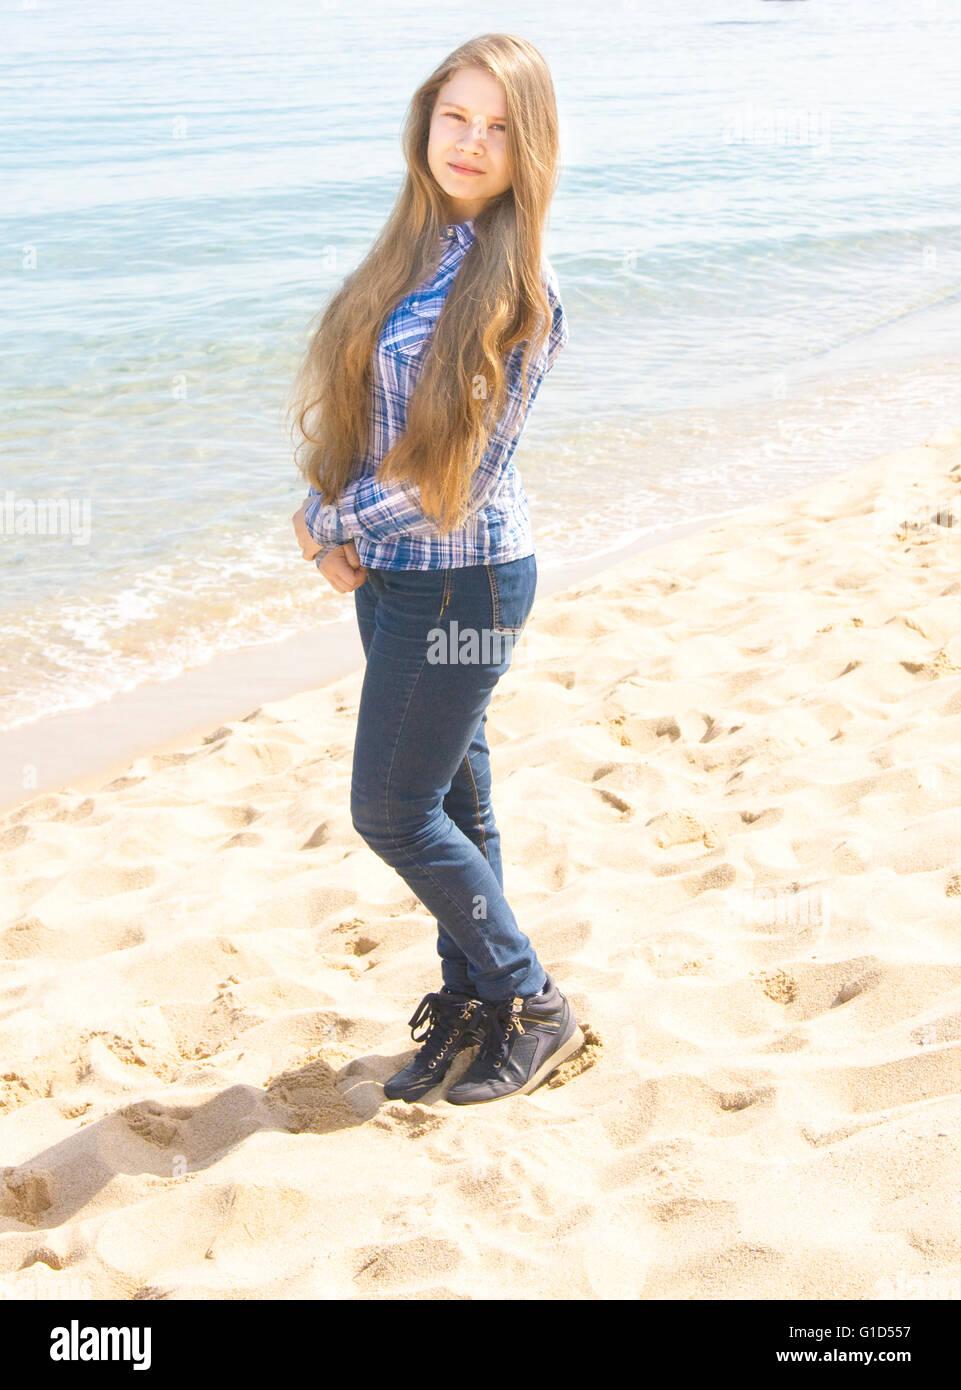 e686d926f8f667 Junge schöne Mädchen, europäischen, lange braune Haare, sechzehn Jahre in  Jeans und Rock steht, am Sandstrand in der Nähe von Meer.